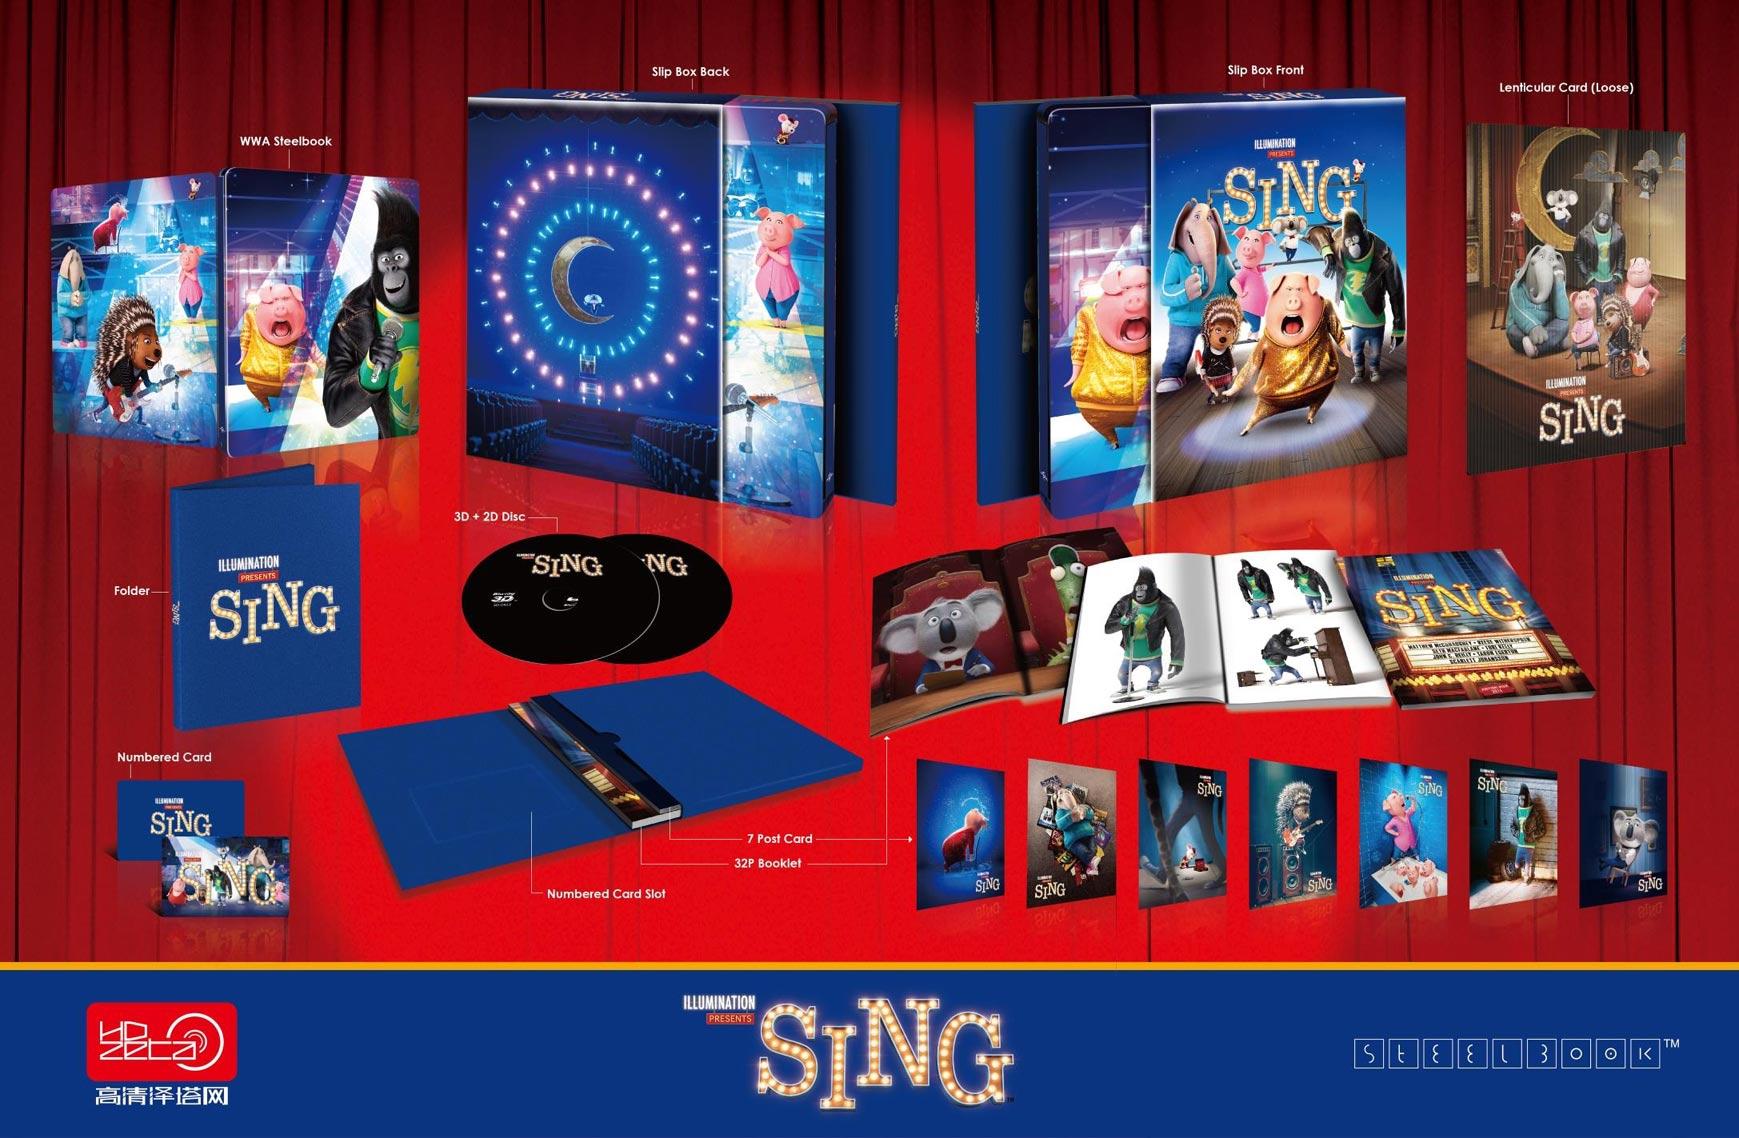 Sing-steelbook-HDzeta